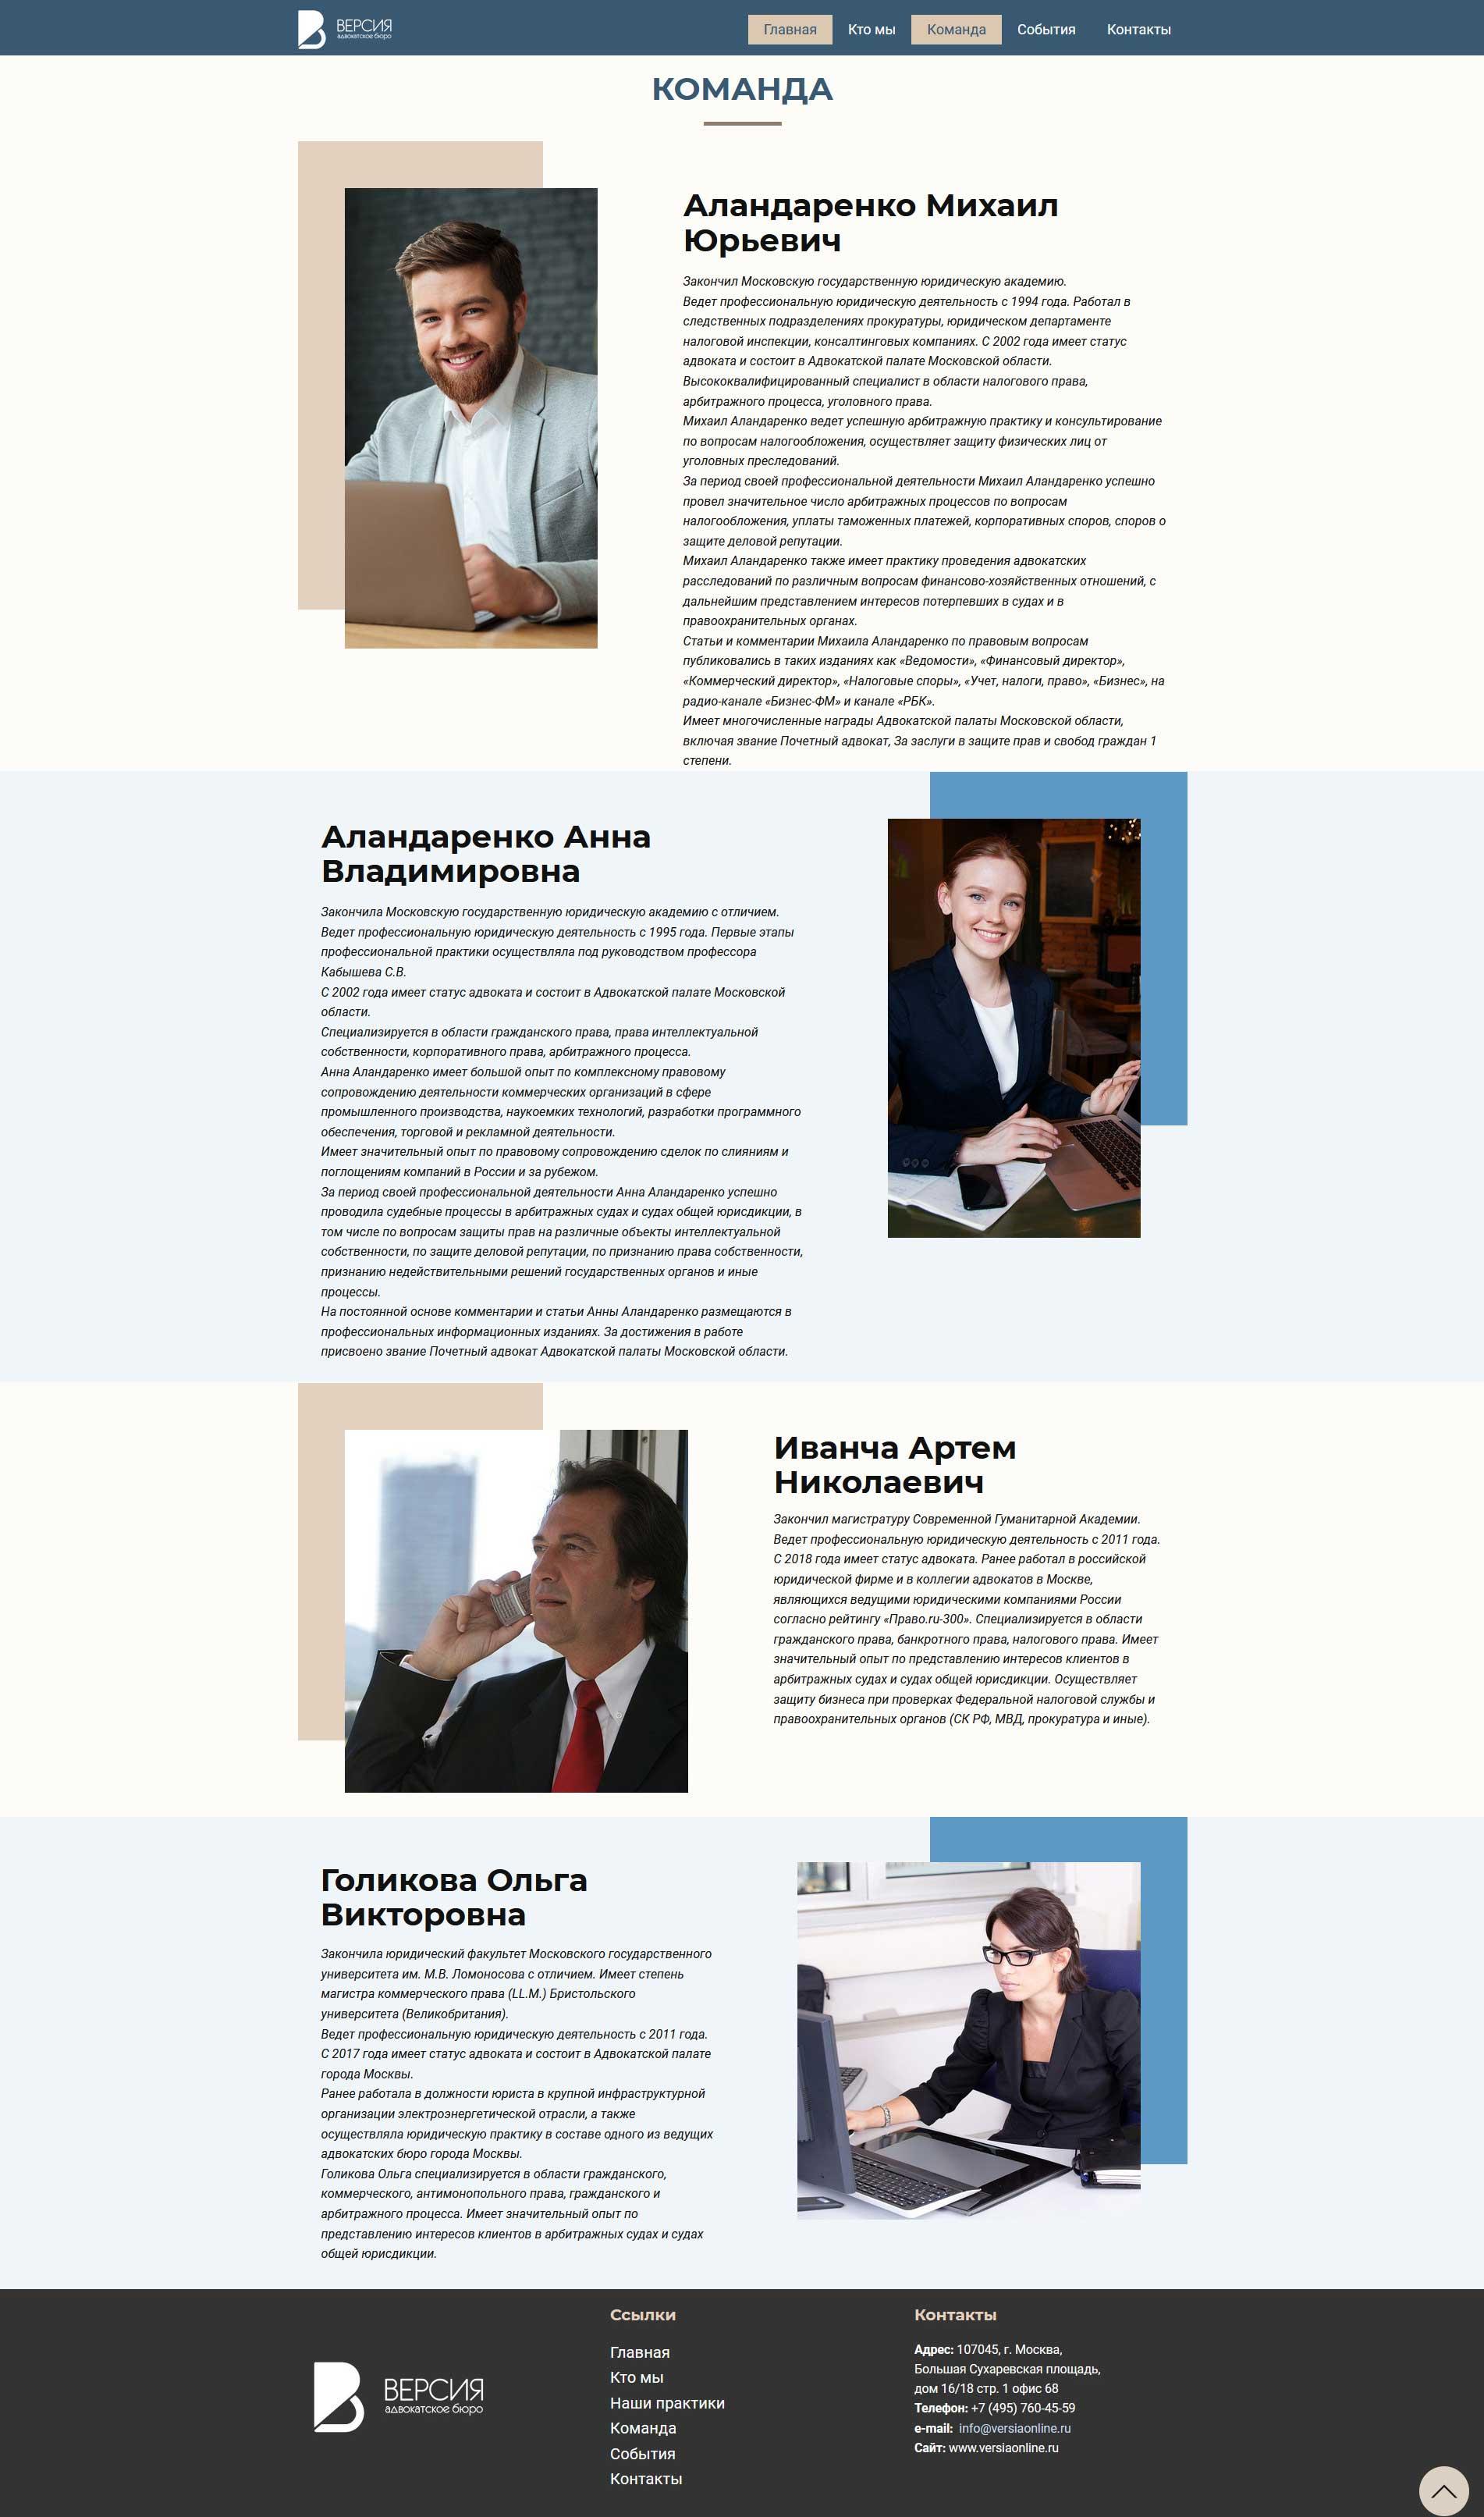 Конкурс на разработку дизайна и конструкцию сайта адвокатского бюро фото f_6355f1886e648138.jpg